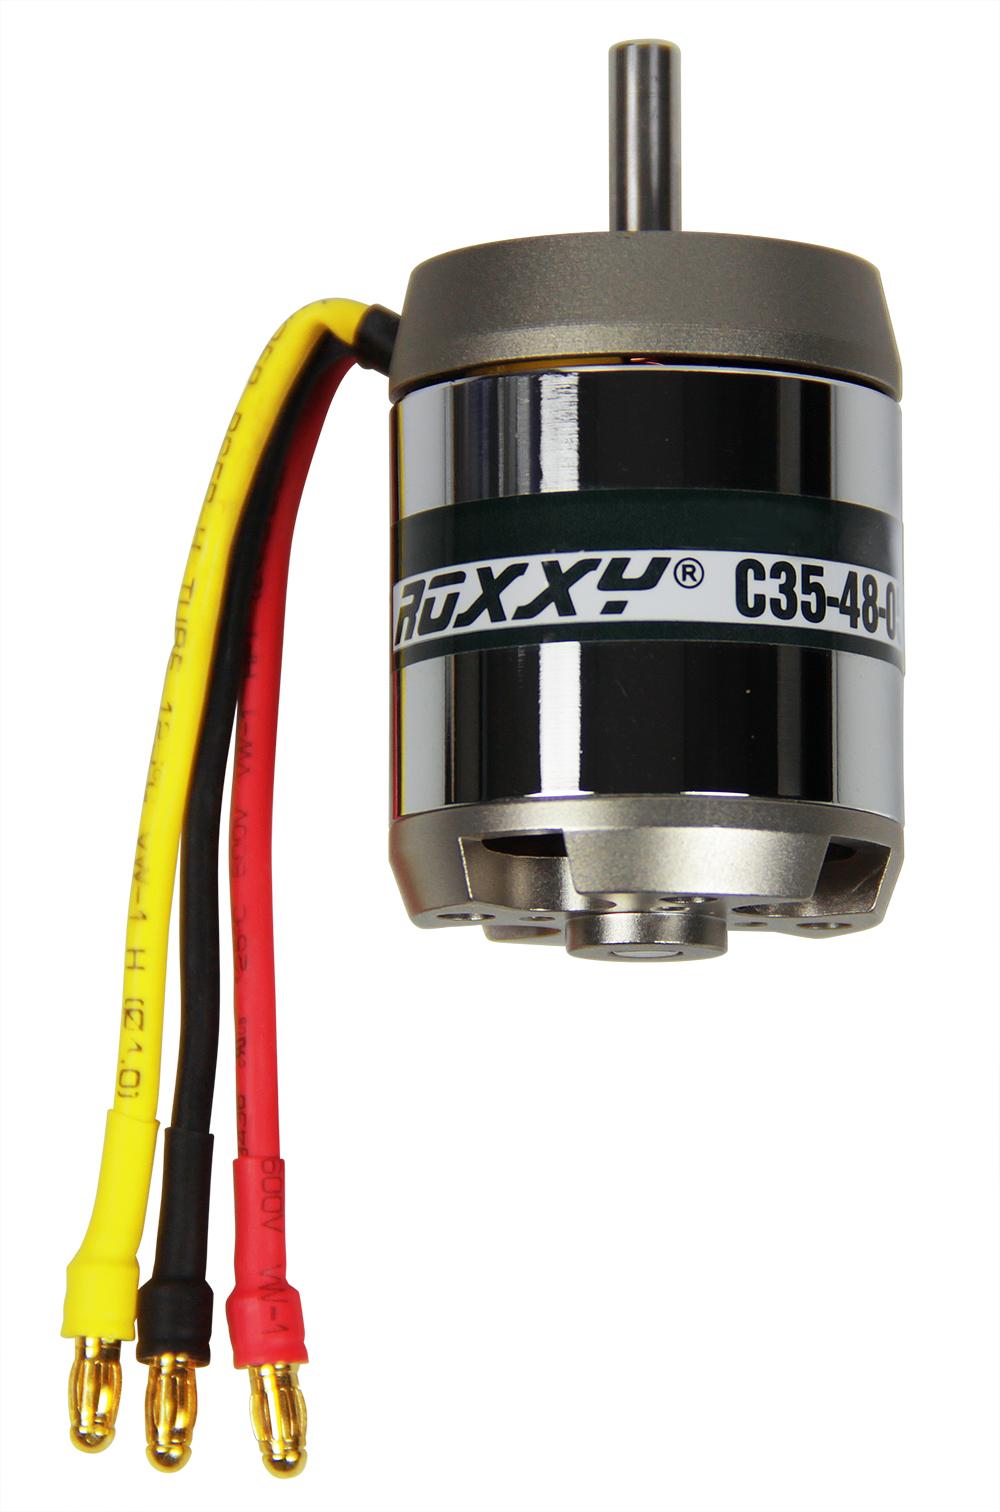 Multiplex ROXXY BL Outrunner BL C35-48-990kV AcroM